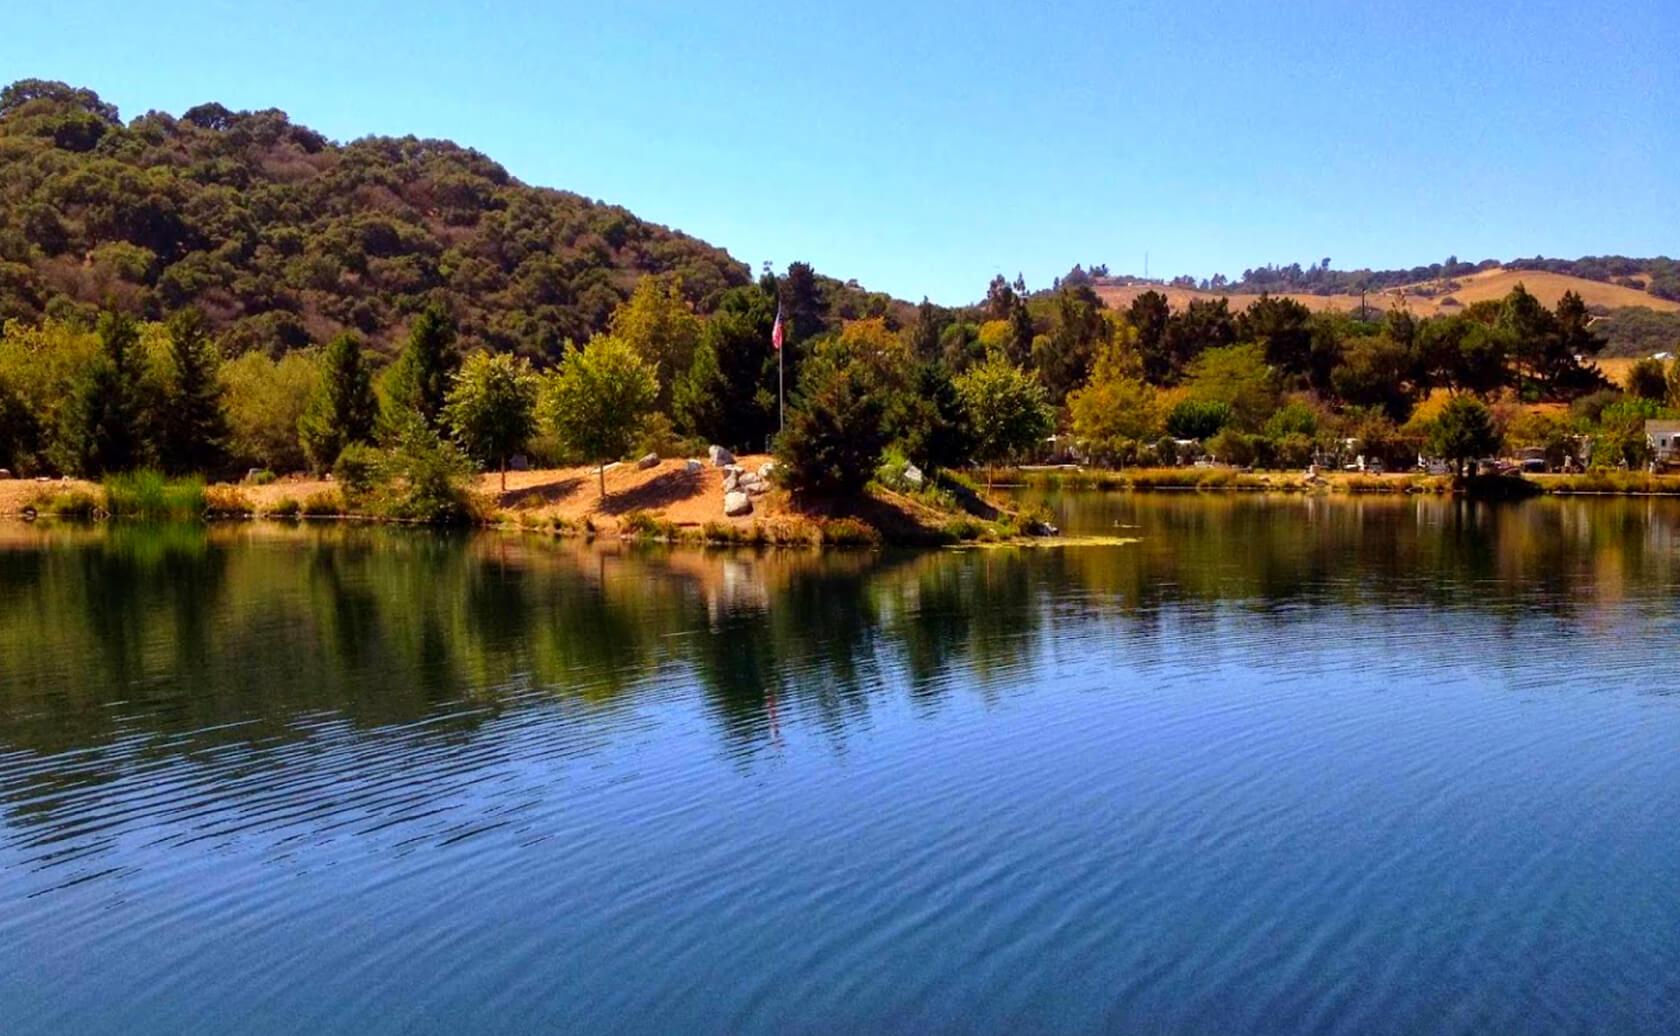 McAlpine-Lake-fishing-guide-report-San-Juan-Bautista-ca-03